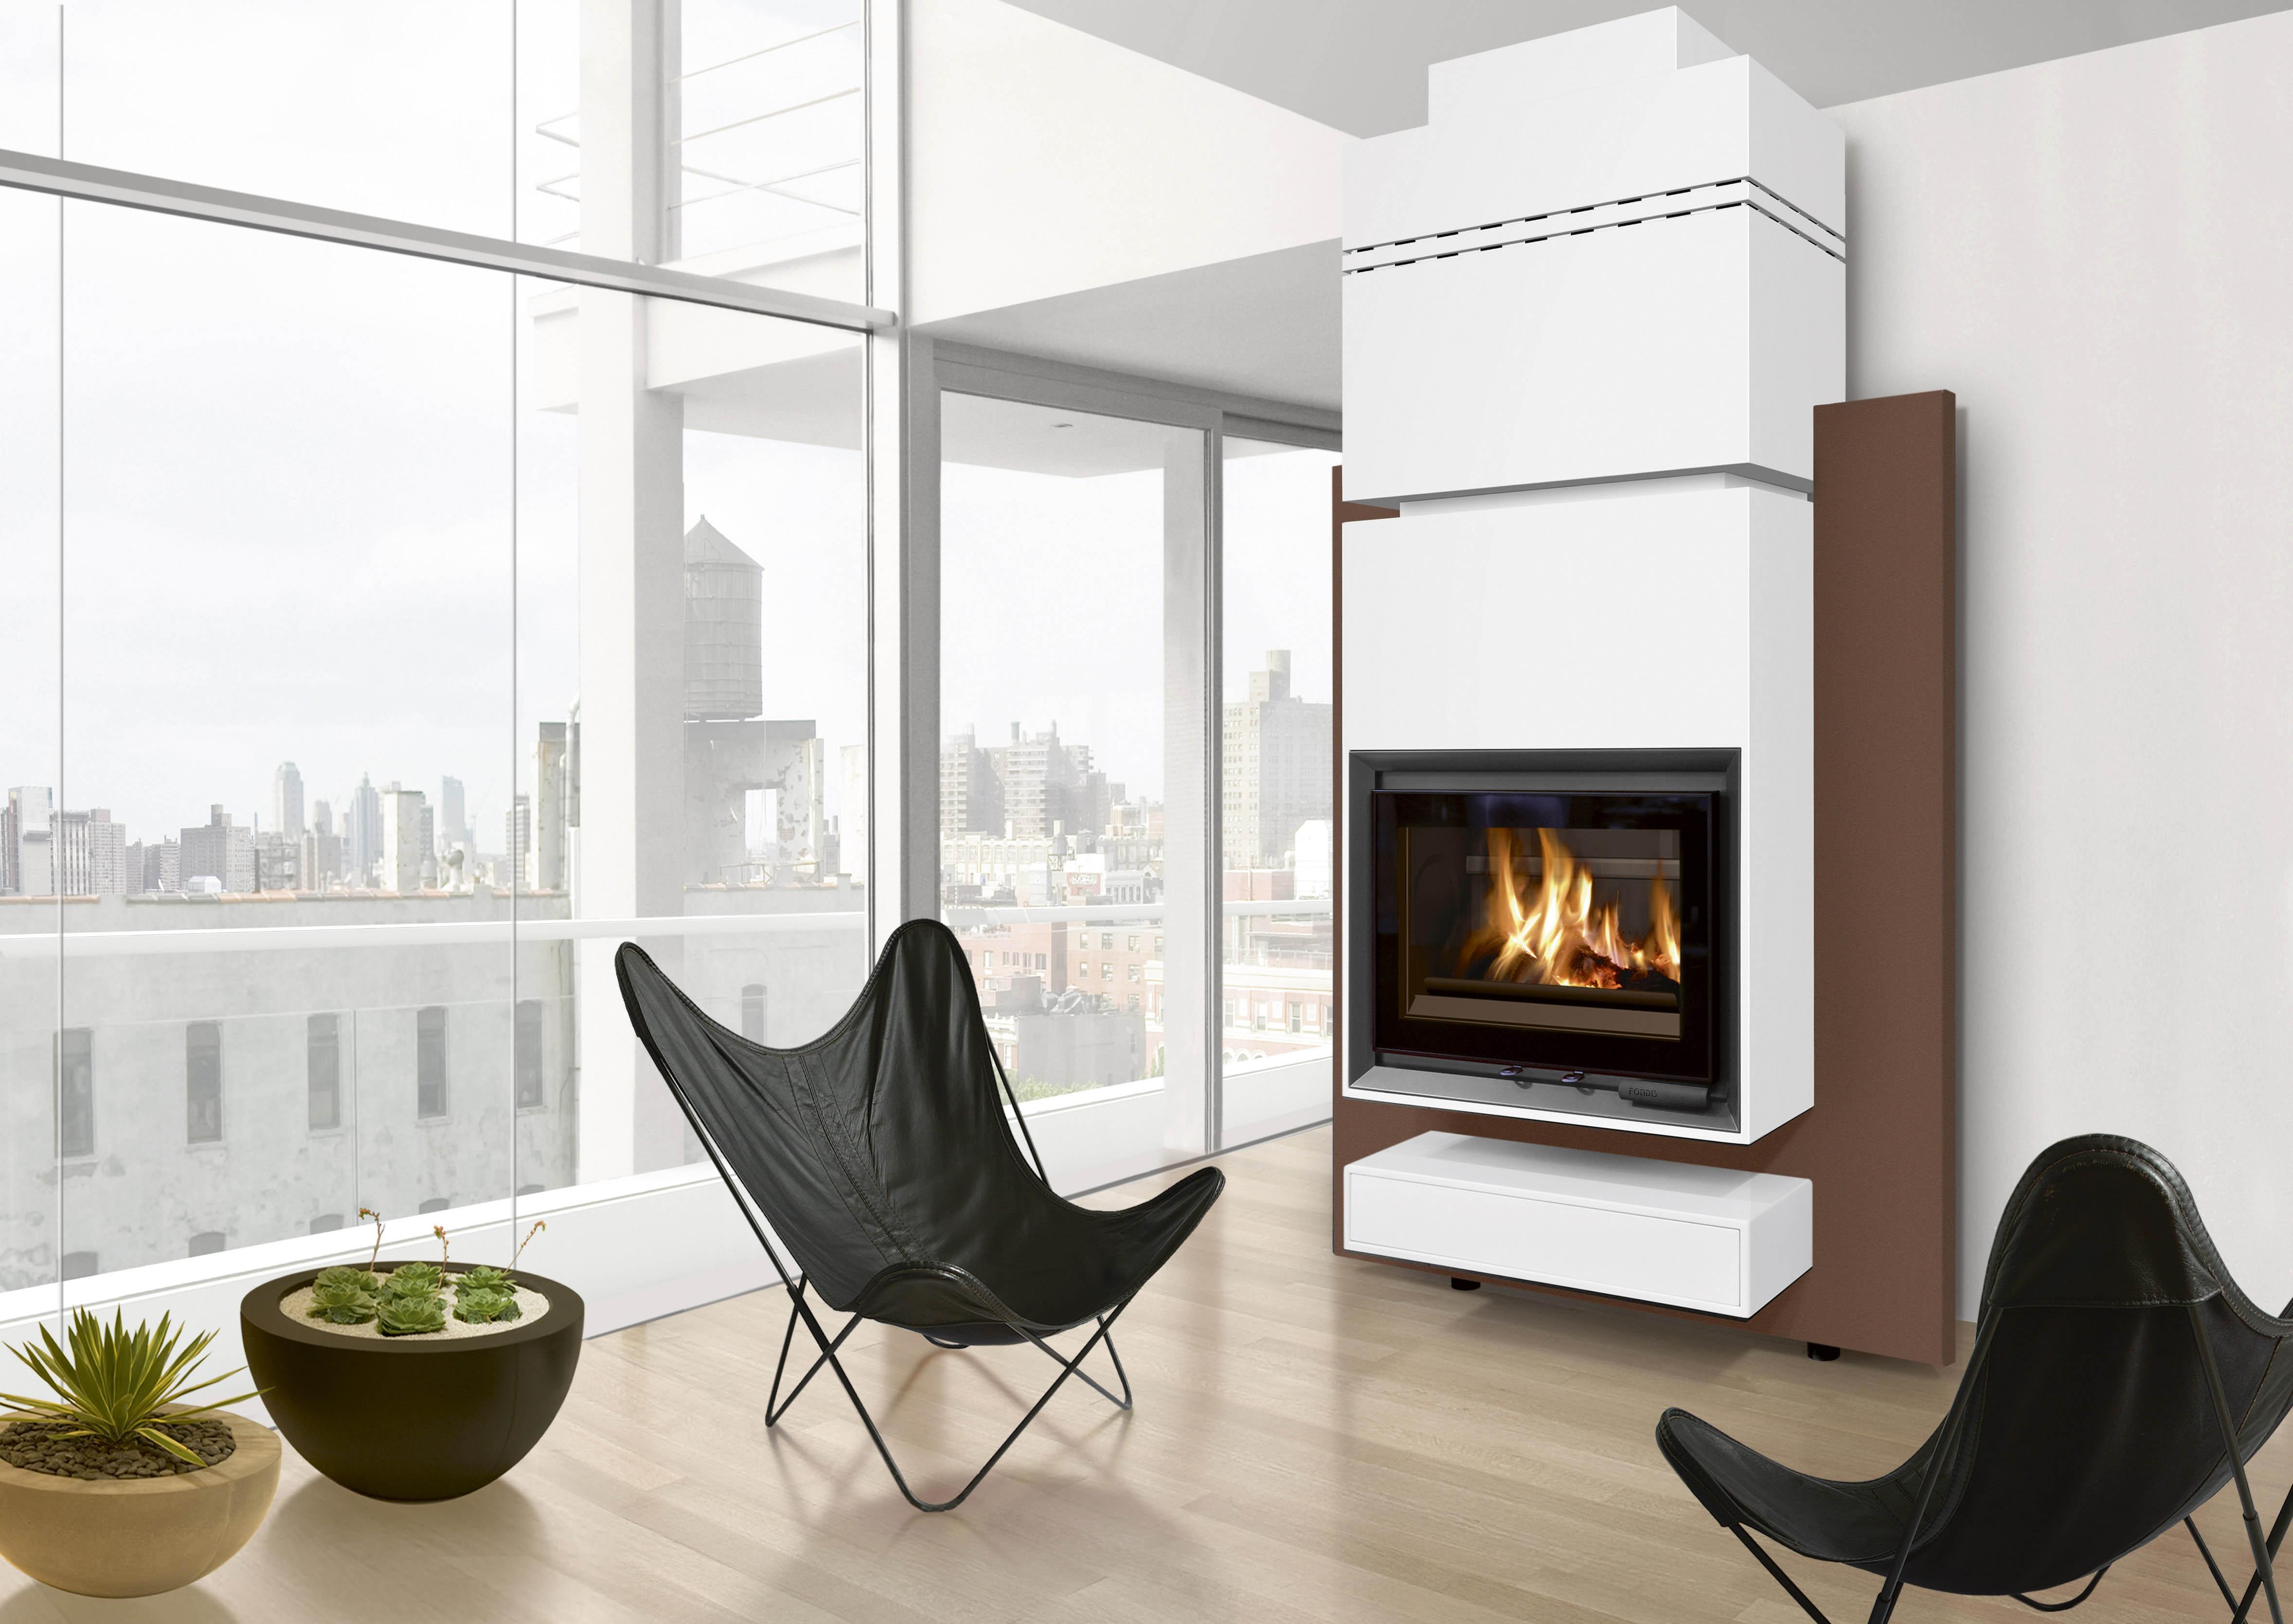 cheminee poele moderne. Black Bedroom Furniture Sets. Home Design Ideas